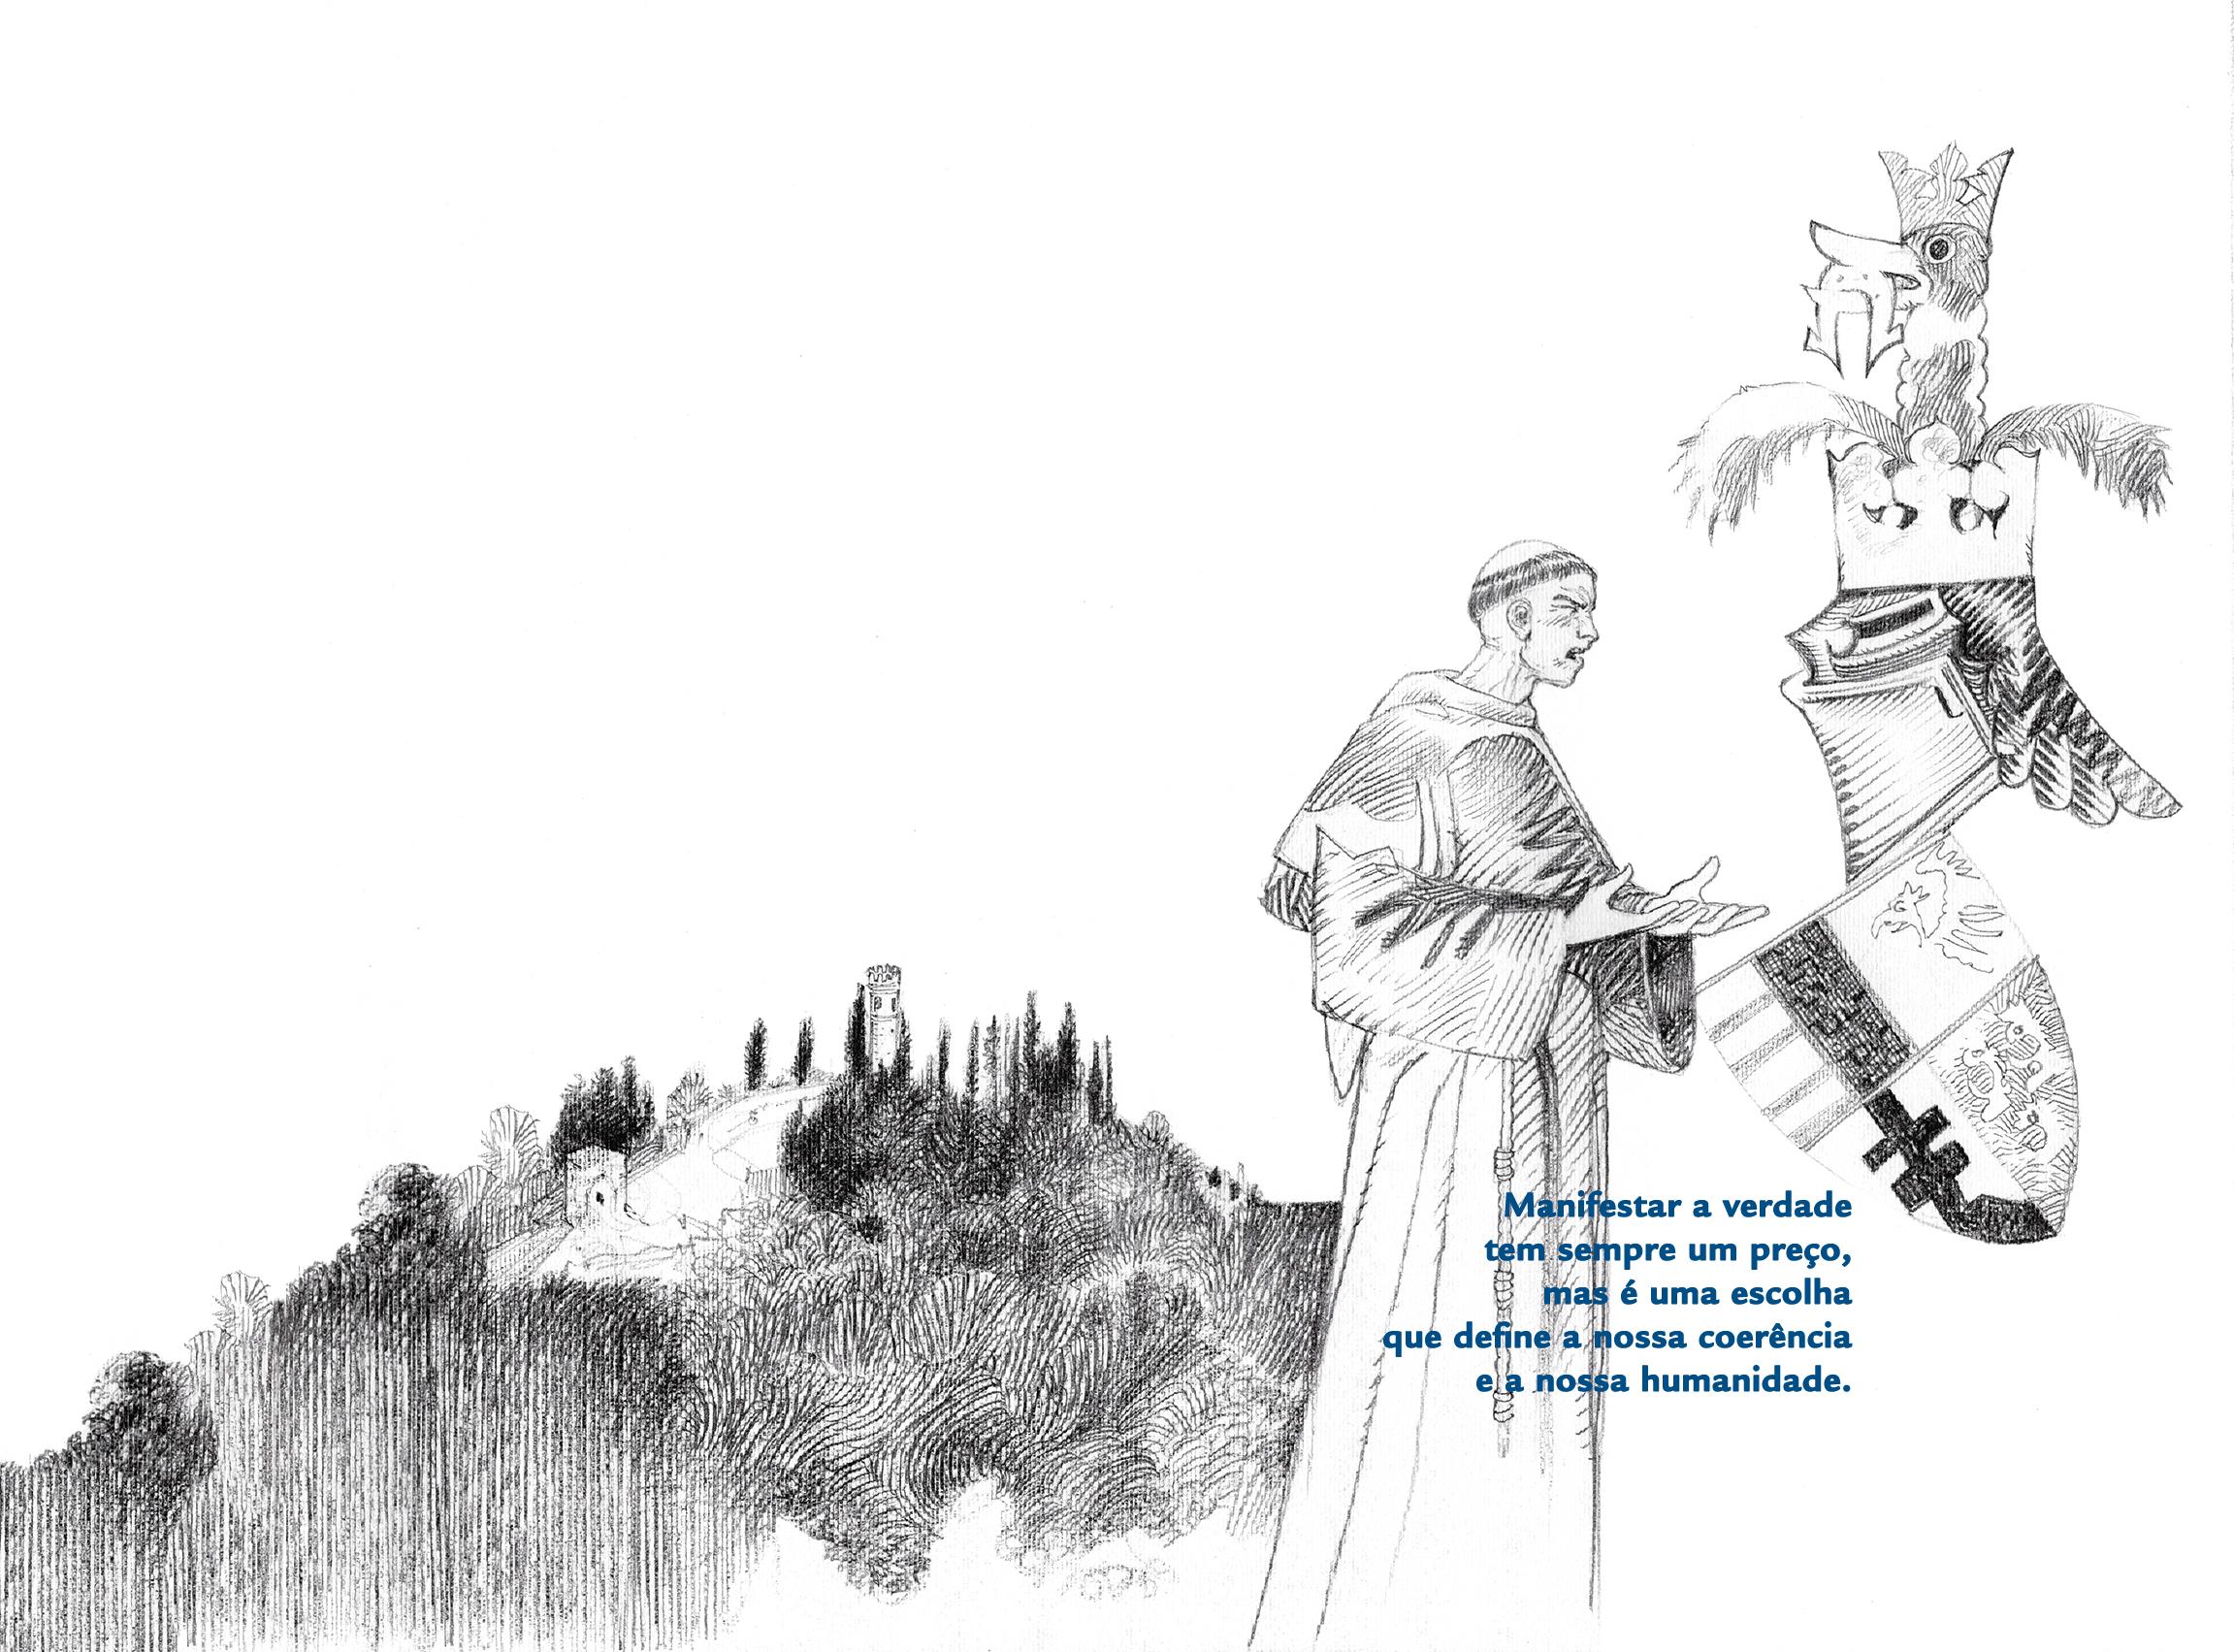 """A escuta profunda e atenta de Deus é a premissa para a indignação e só a indignação que brota dessa escuta é evangelicamente capaz de desmascarar o """"bezerro de ouro"""" de cada circunstância. Ilustração: Luca Salvagno."""